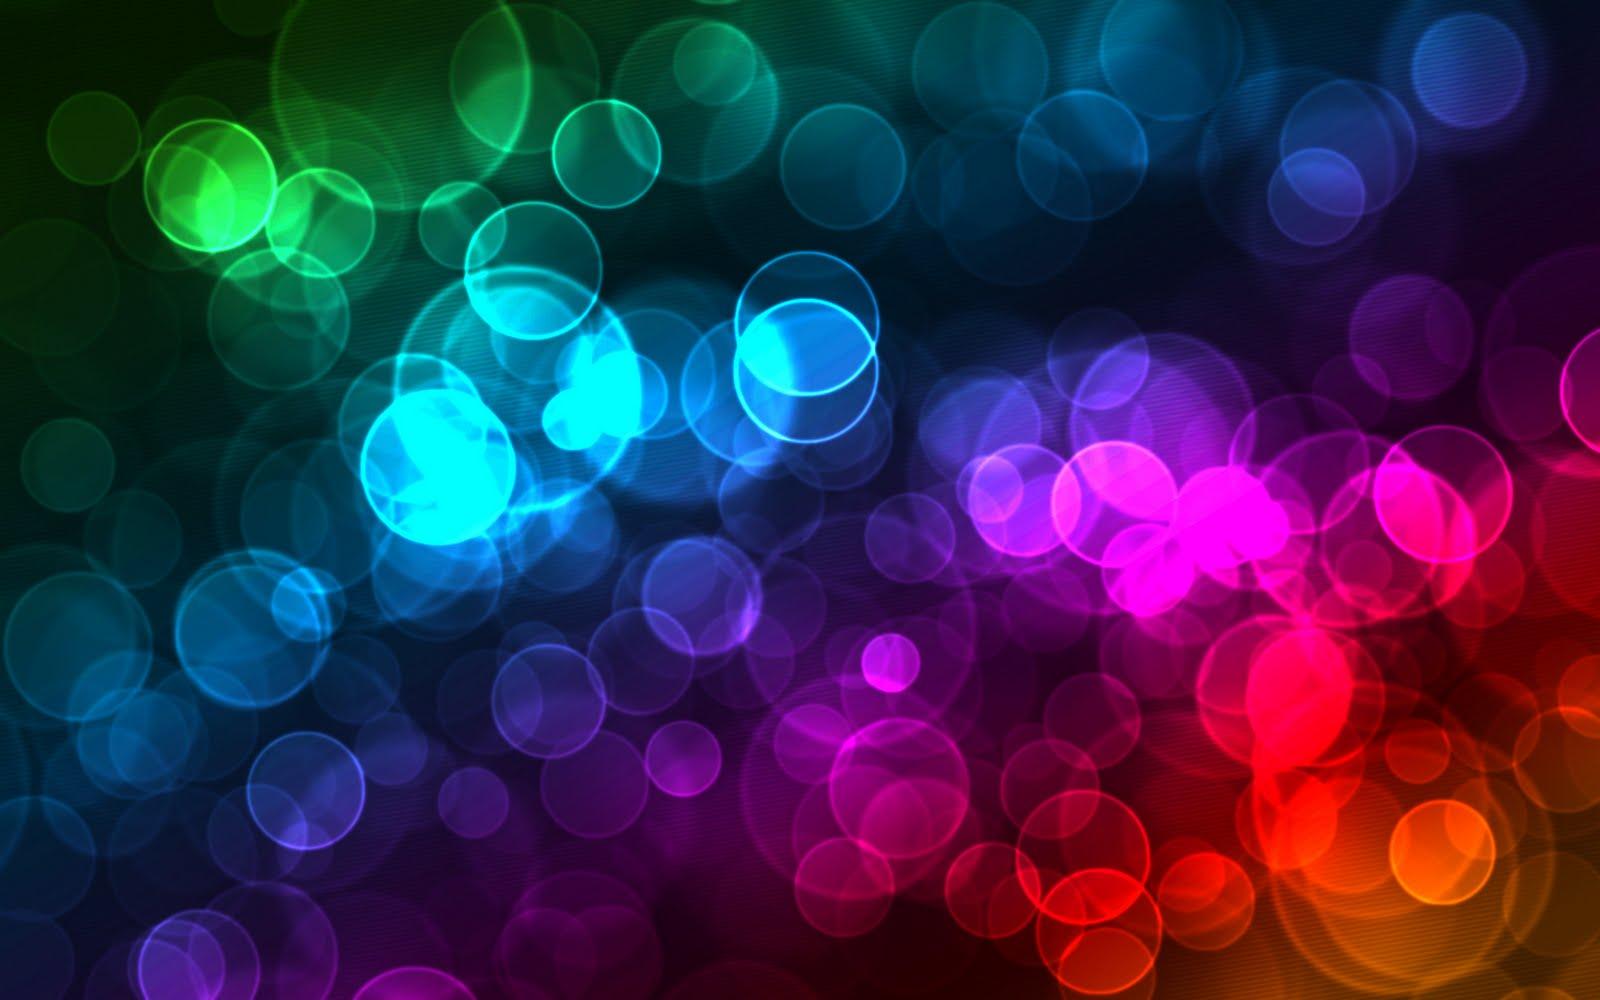 http://1.bp.blogspot.com/_2UbsSBz9ckE/S5msI20CDPI/AAAAAAAAA7A/ym-TJsBPuA0/s1600/digital_bubbles_hd_wallpaper%2B1.jpg